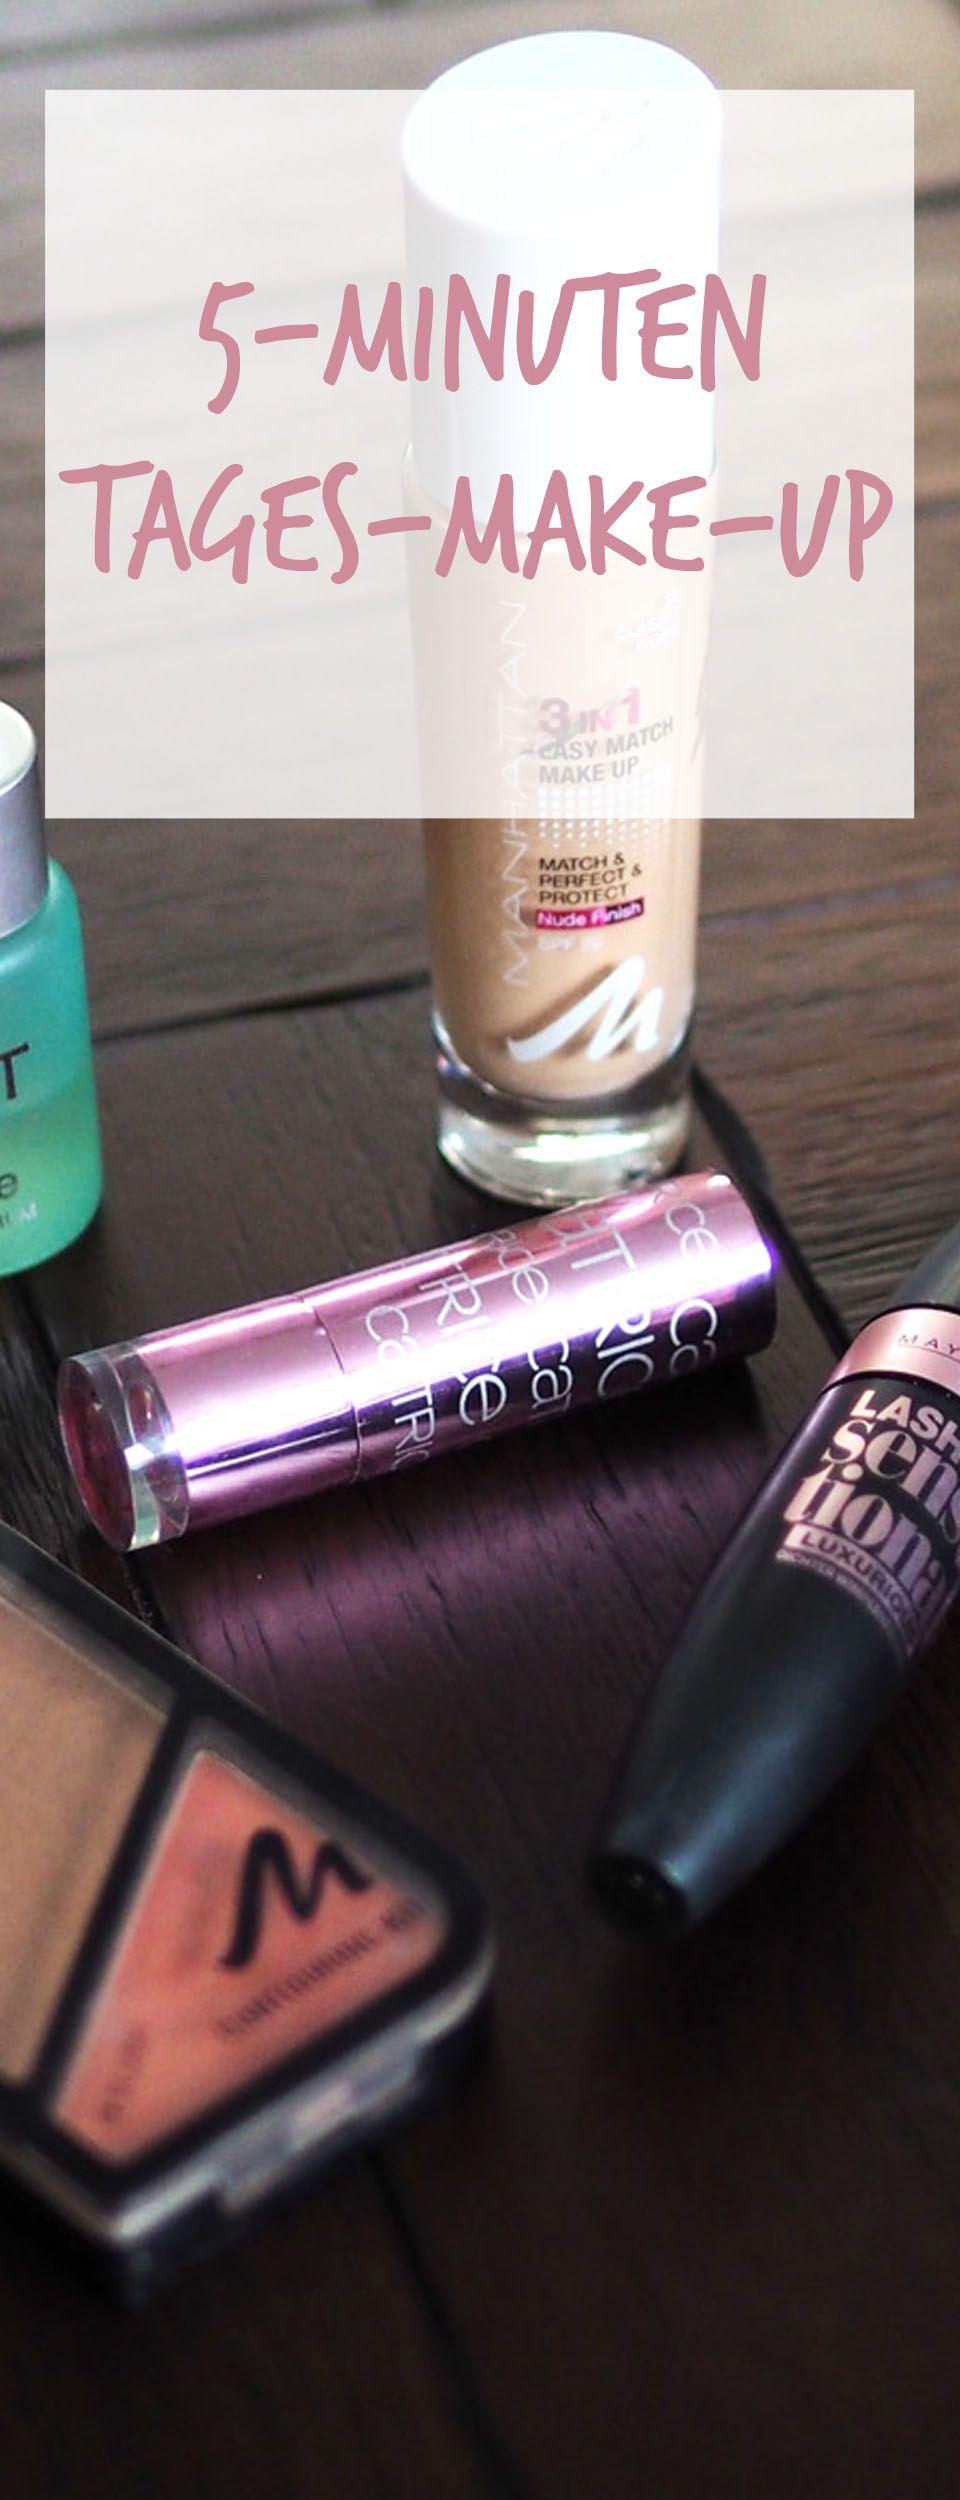 Tägliche Make-up-Routine für ein Tages-Make-up in nur 5 Minuten. 5 Minuten Make-up, Beauty, Beauty-Routine, Tages-Make-up,